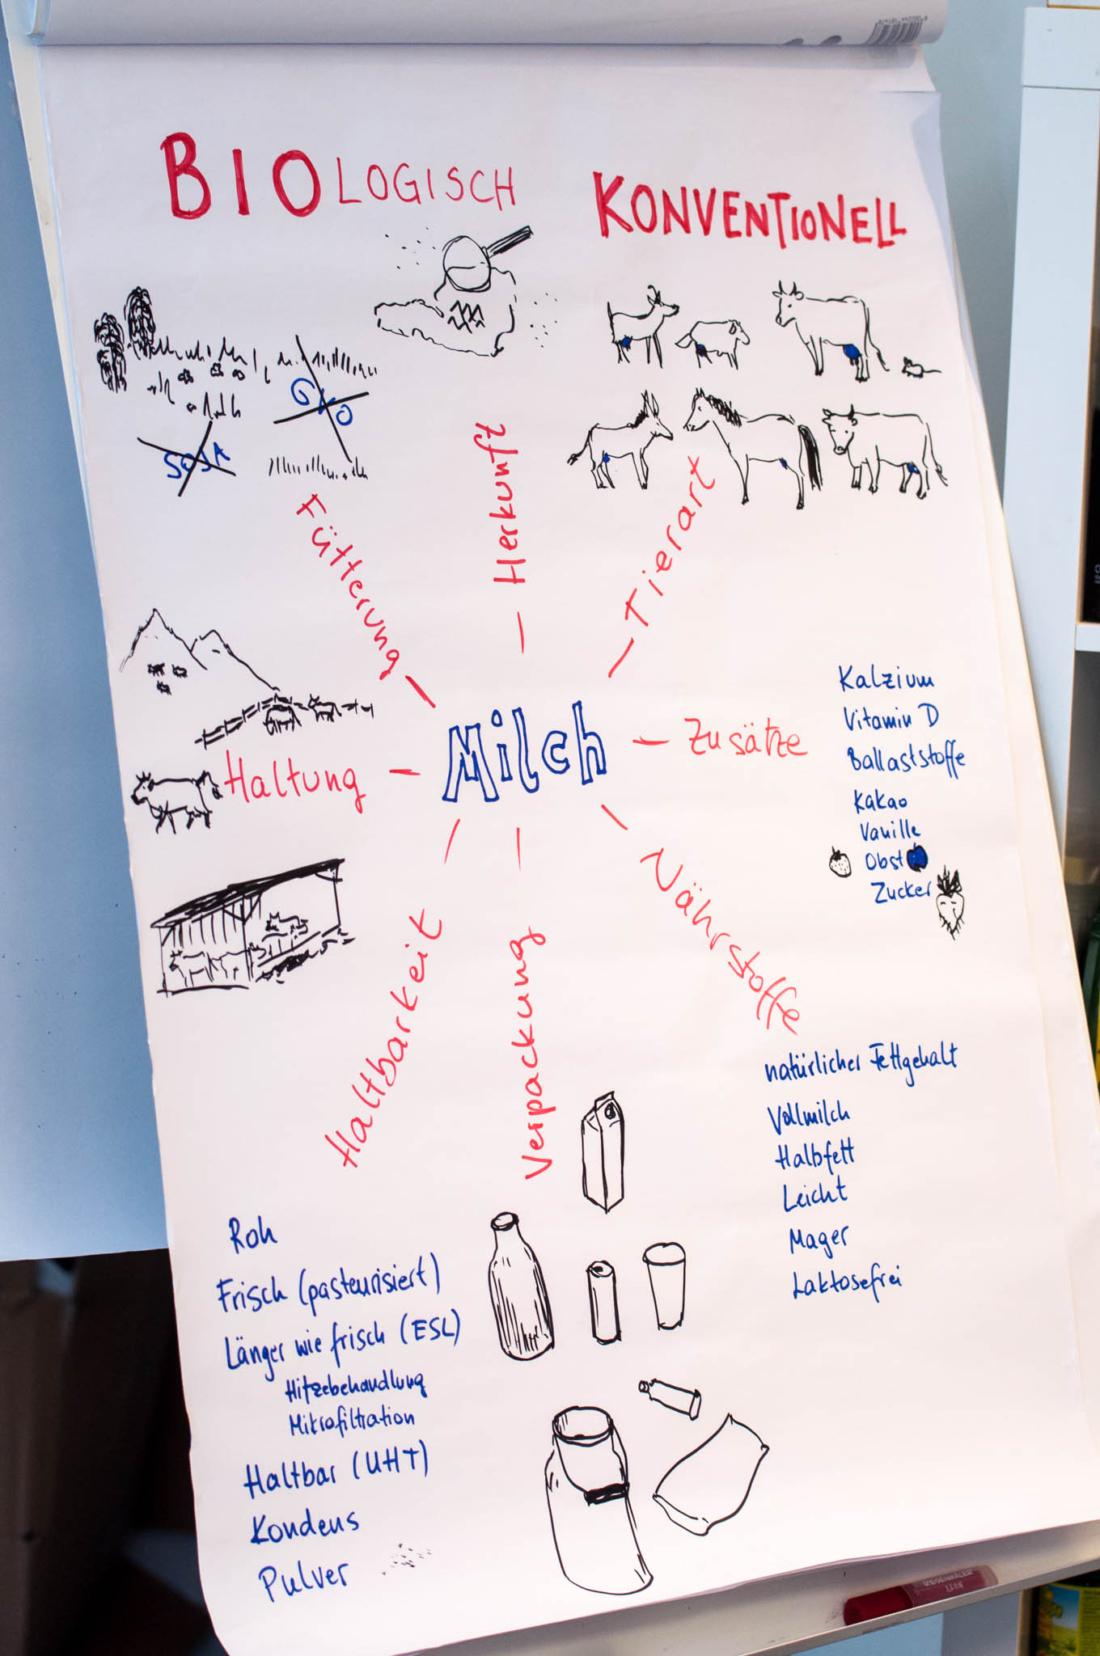 Bio-Milchverkostung, Tasting-forum, Verkostung, biodreinull, Genuss, organic